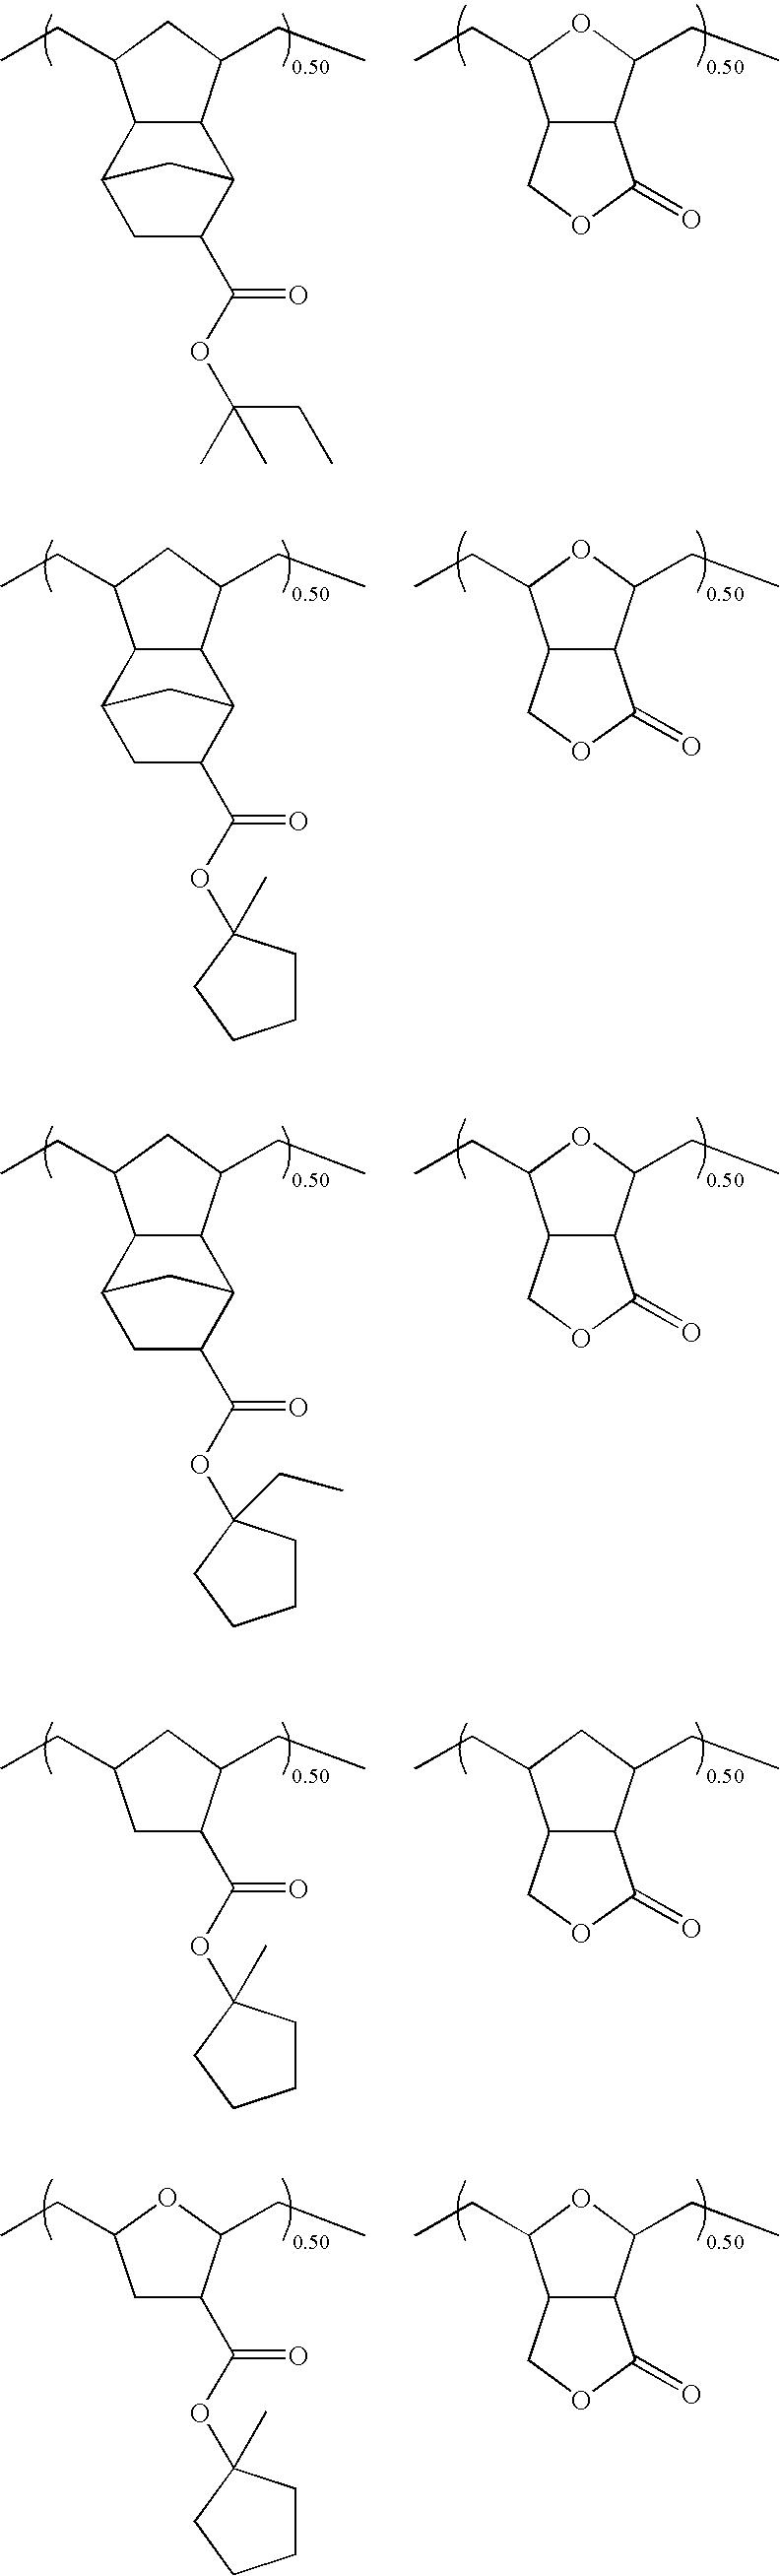 Figure US20090280434A1-20091112-C00053